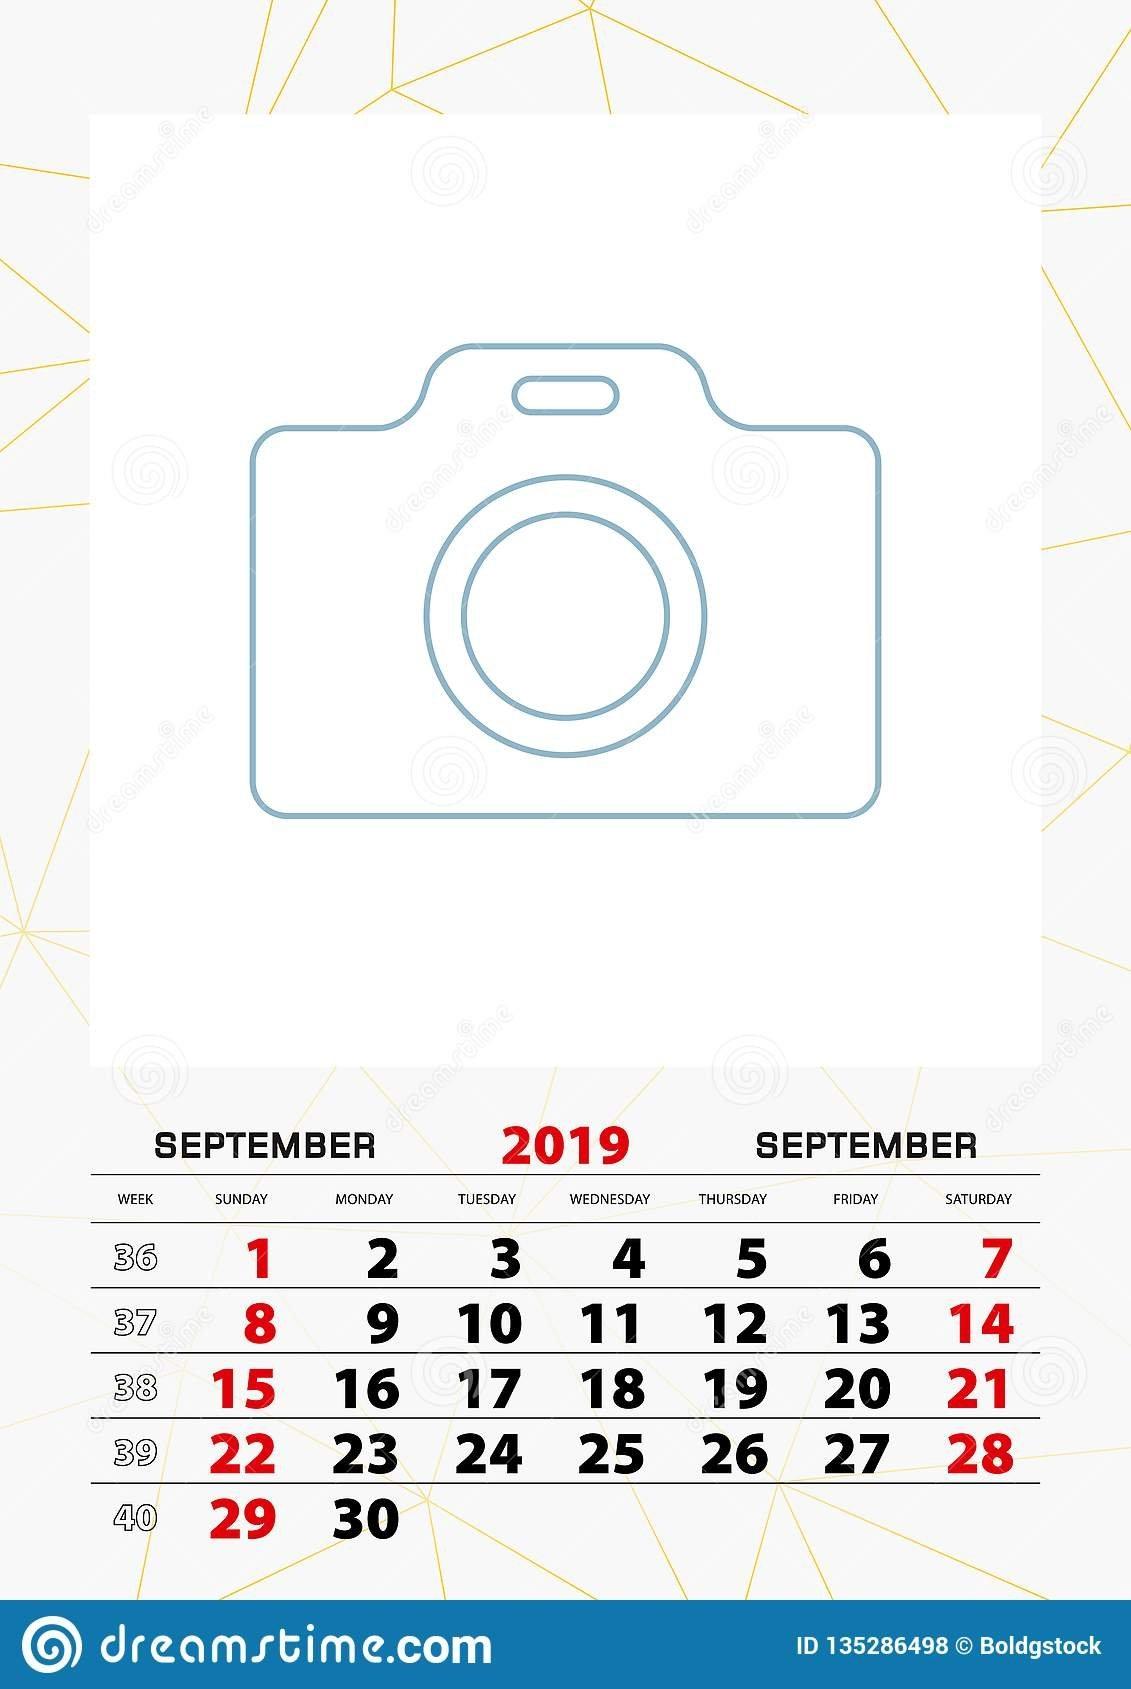 Wall Calendar Planner Template For September 2019, Week Starts On Calendar Week 39 2019